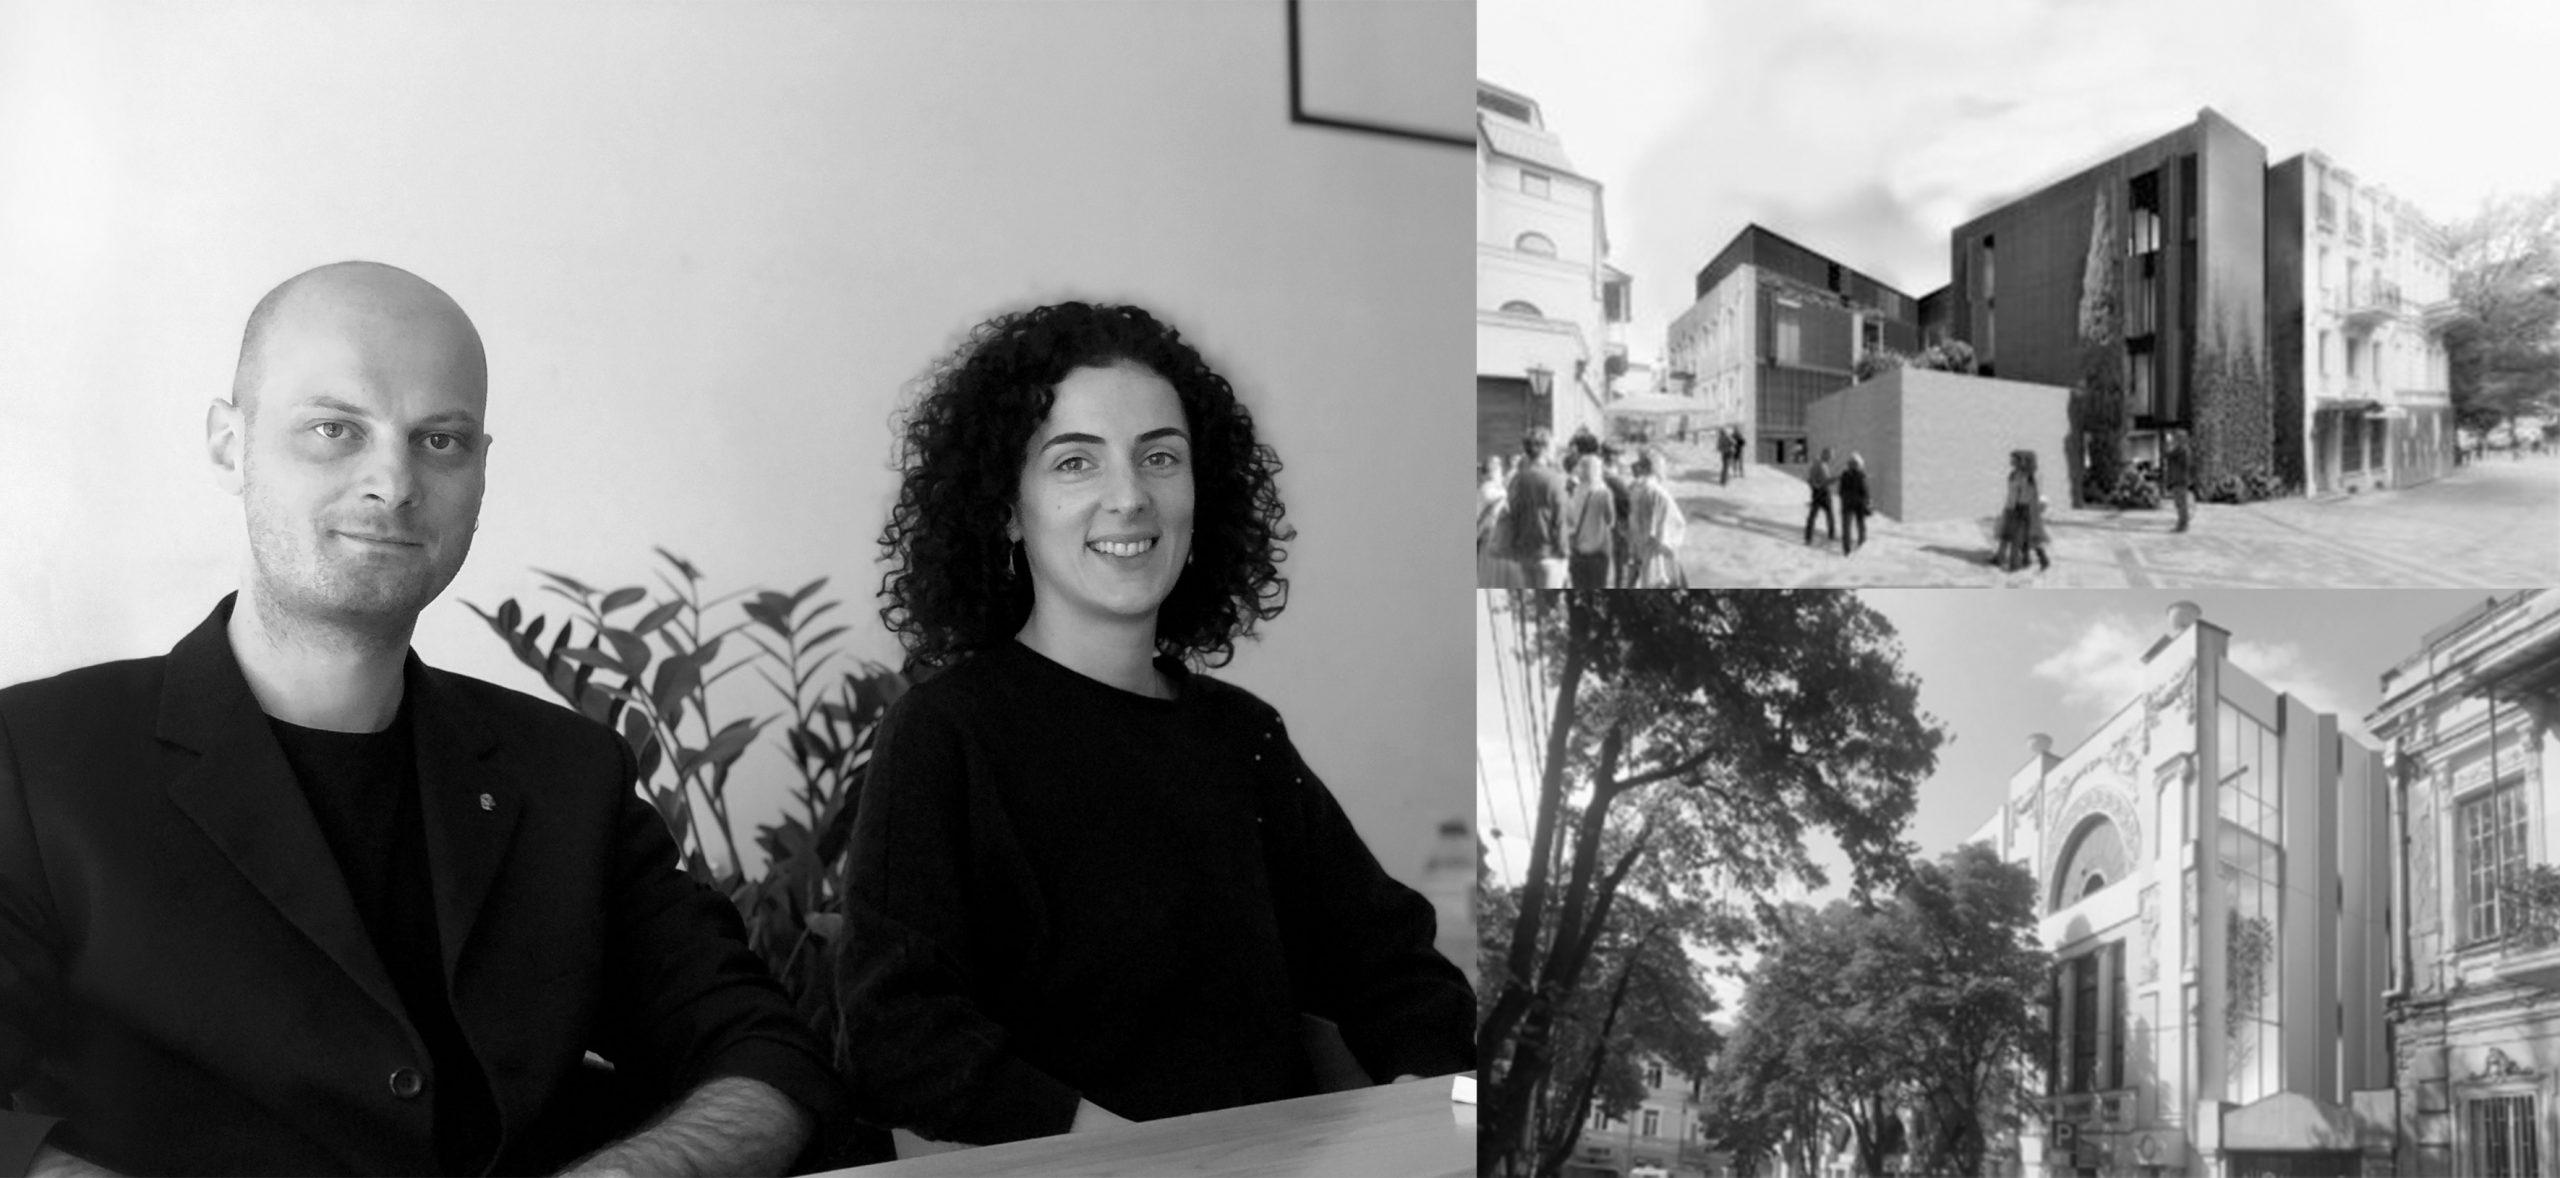 საუბრები არქიტექტურაზე ნიკა ლეკვეიშვილთან და ნუცა კანდელაკთან – TIMM Architecture